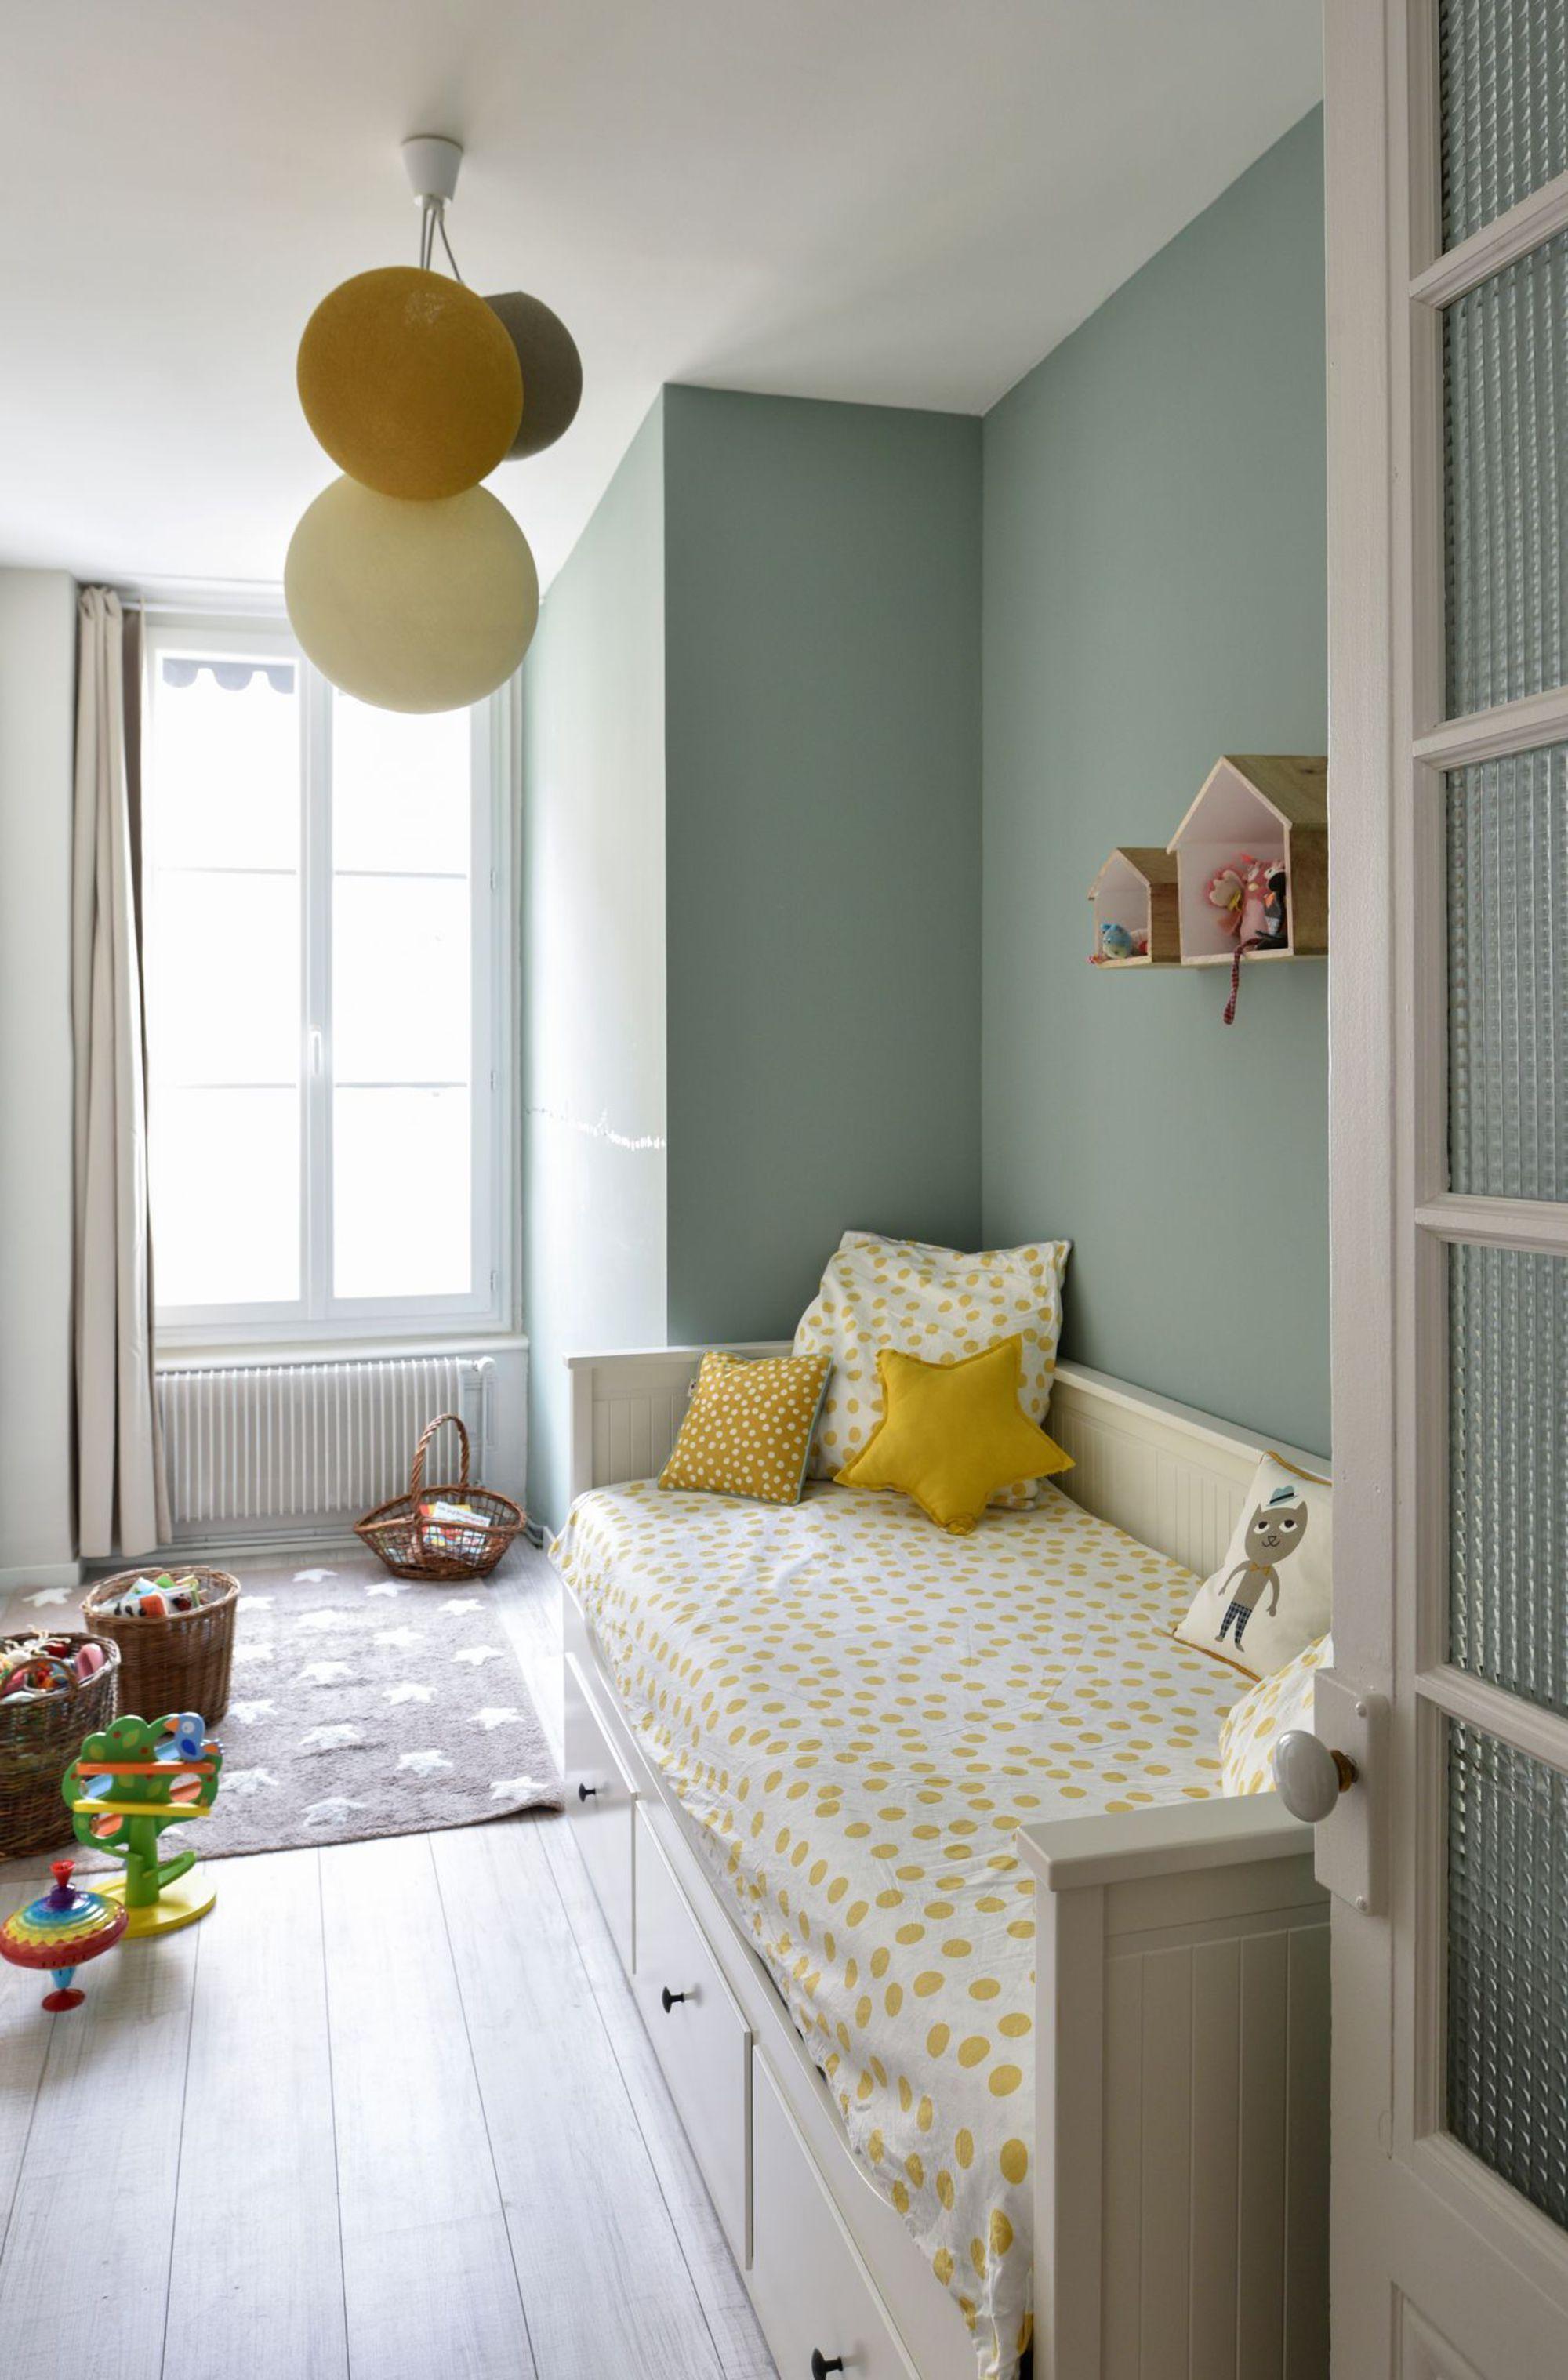 Appartement Lyon 3 : Un 100 M2 Avec Charme De Lu0027ancien Et Touche Moderne |  Pinterest | Zimmer Für Kleine Mädchen, Kinderzimmer Und Kleine Mädchen